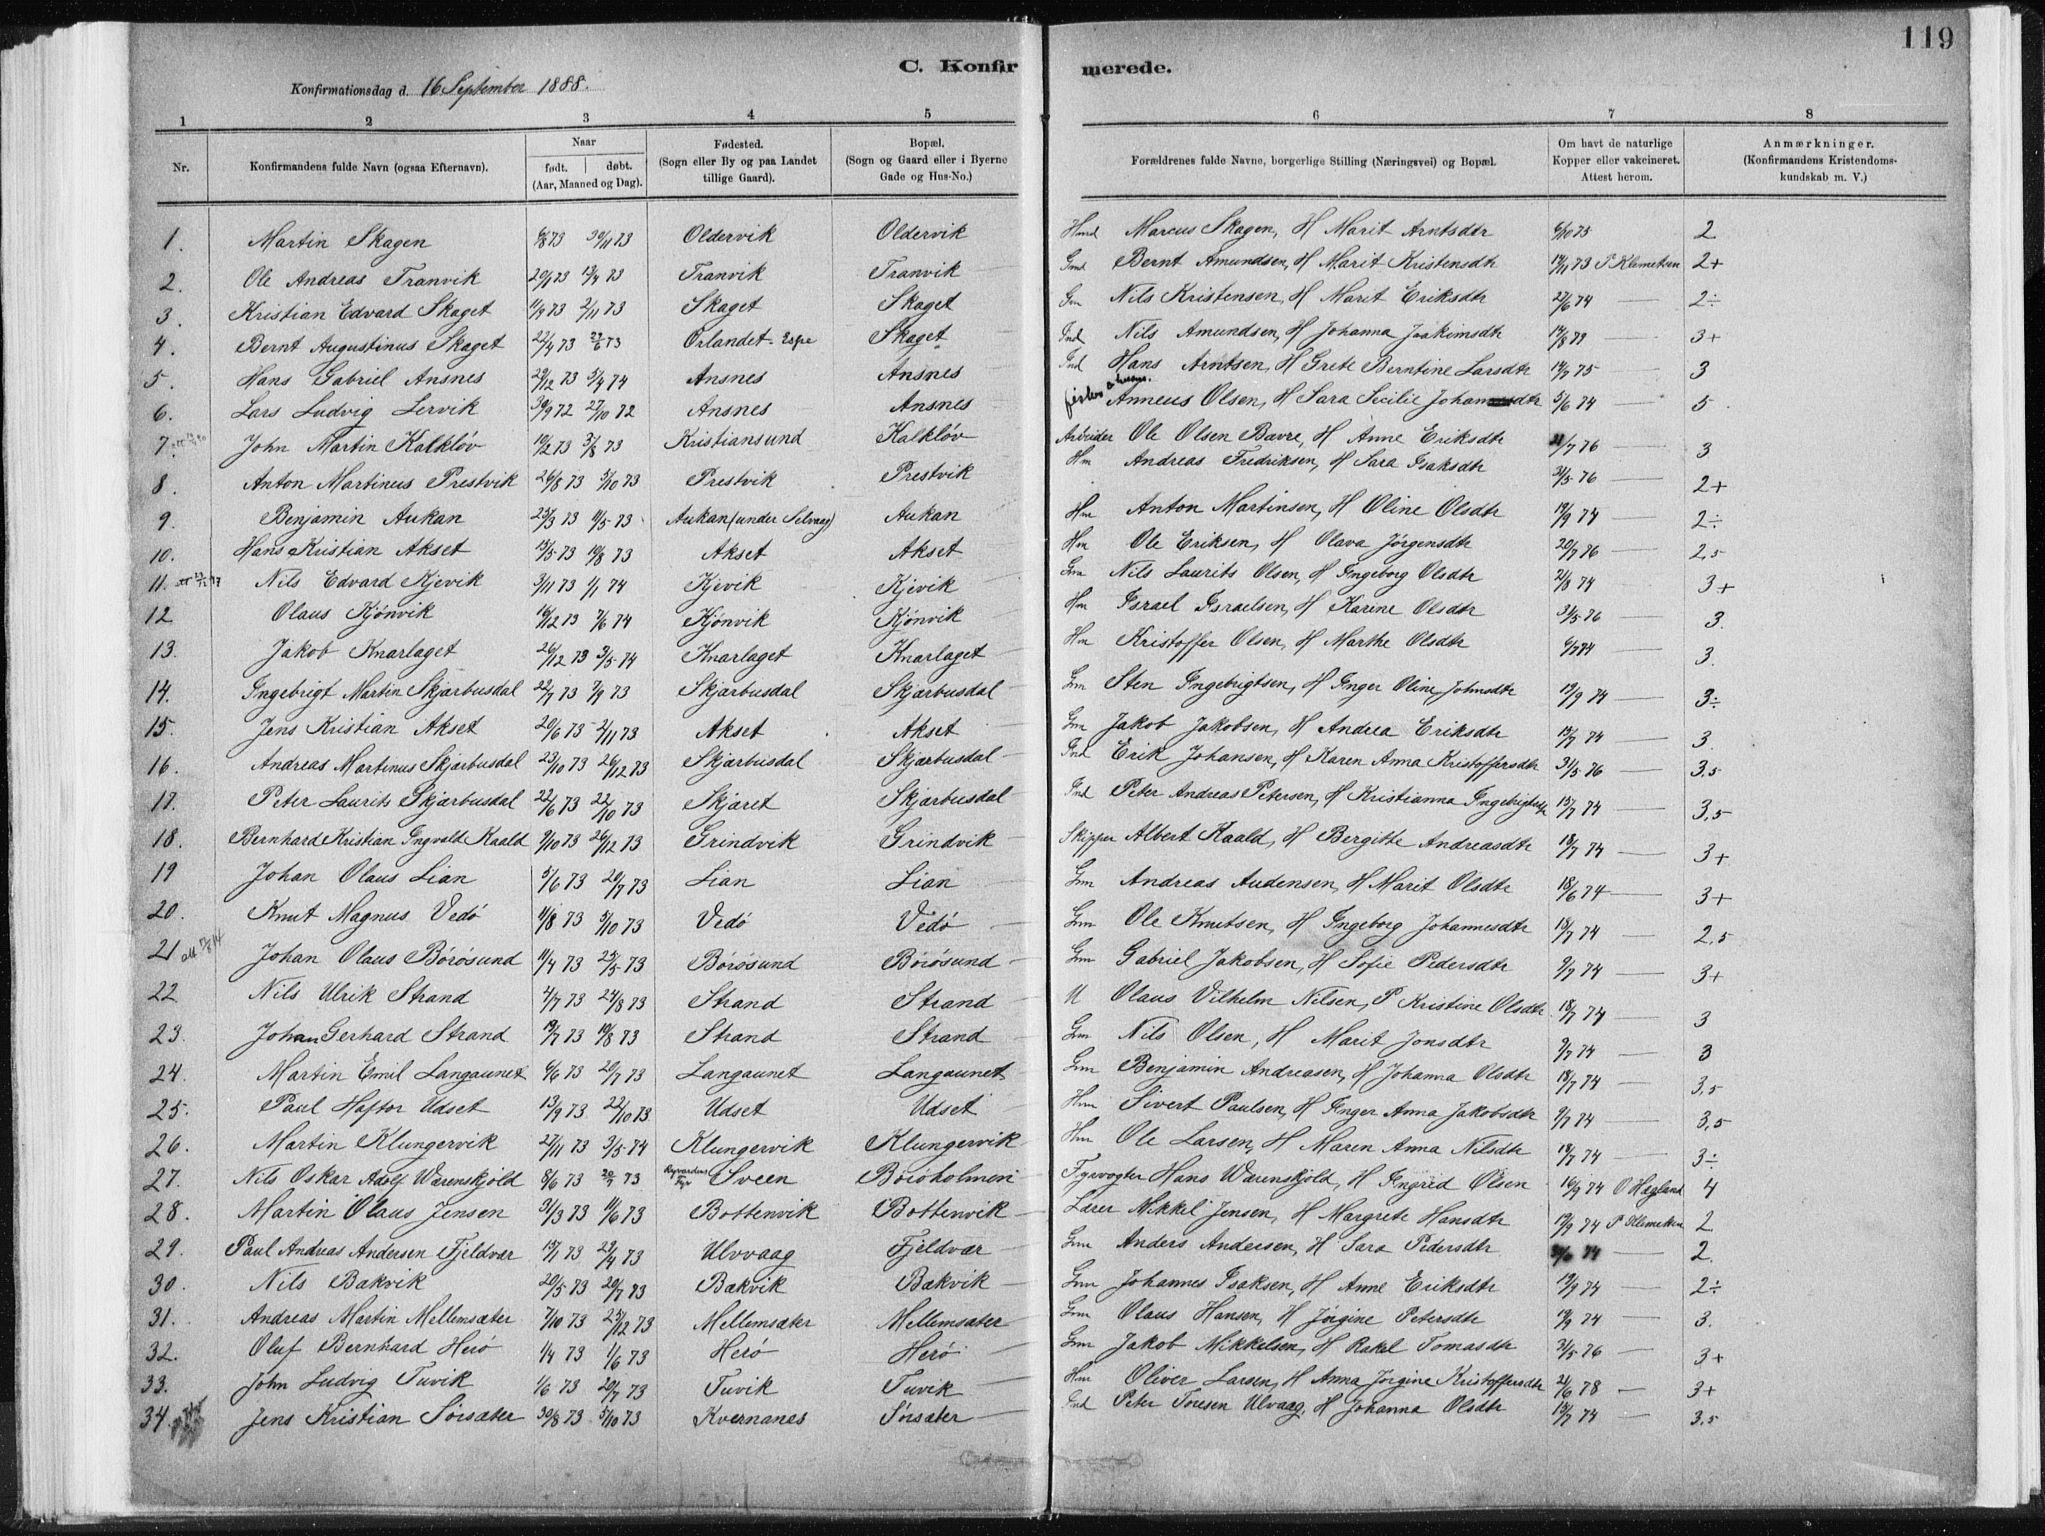 SAT, Ministerialprotokoller, klokkerbøker og fødselsregistre - Sør-Trøndelag, 637/L0558: Ministerialbok nr. 637A01, 1882-1899, s. 119